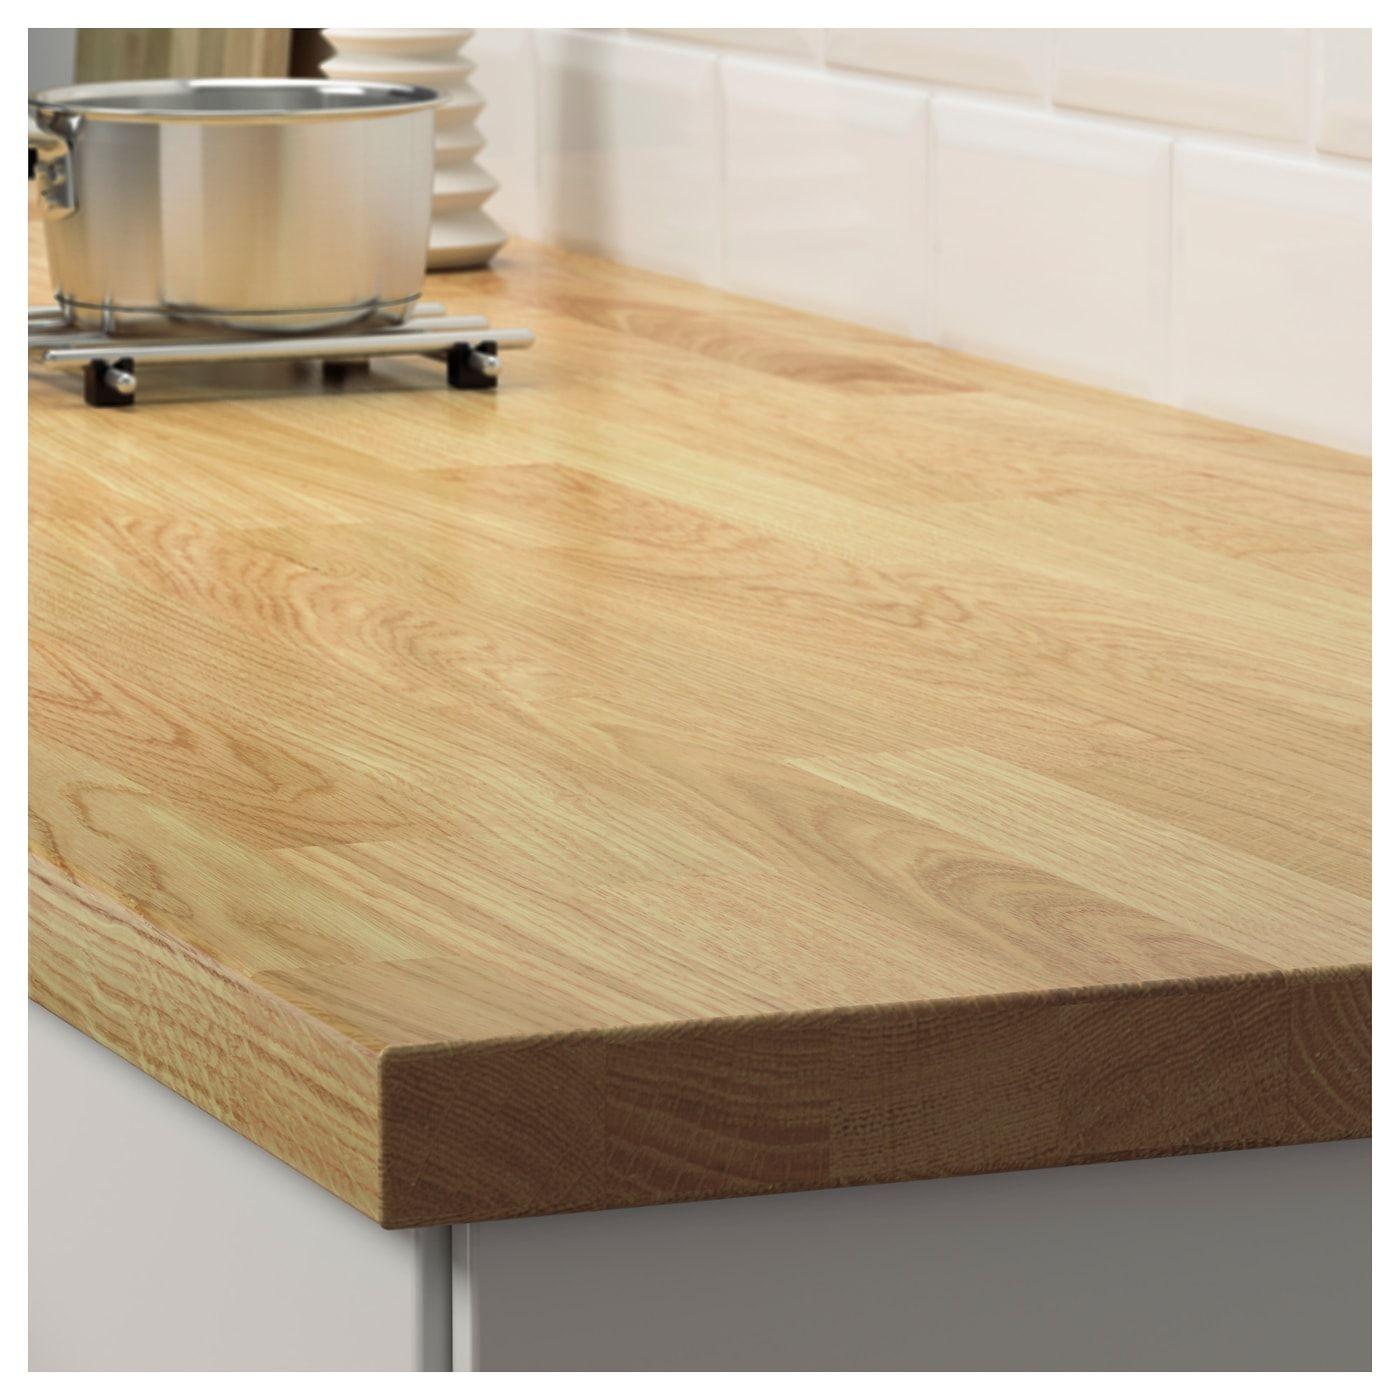 Karlby Arbeitsplatte Eiche Furnier Ikea Deutschland Karlby Countertop Countertops Wood Countertops